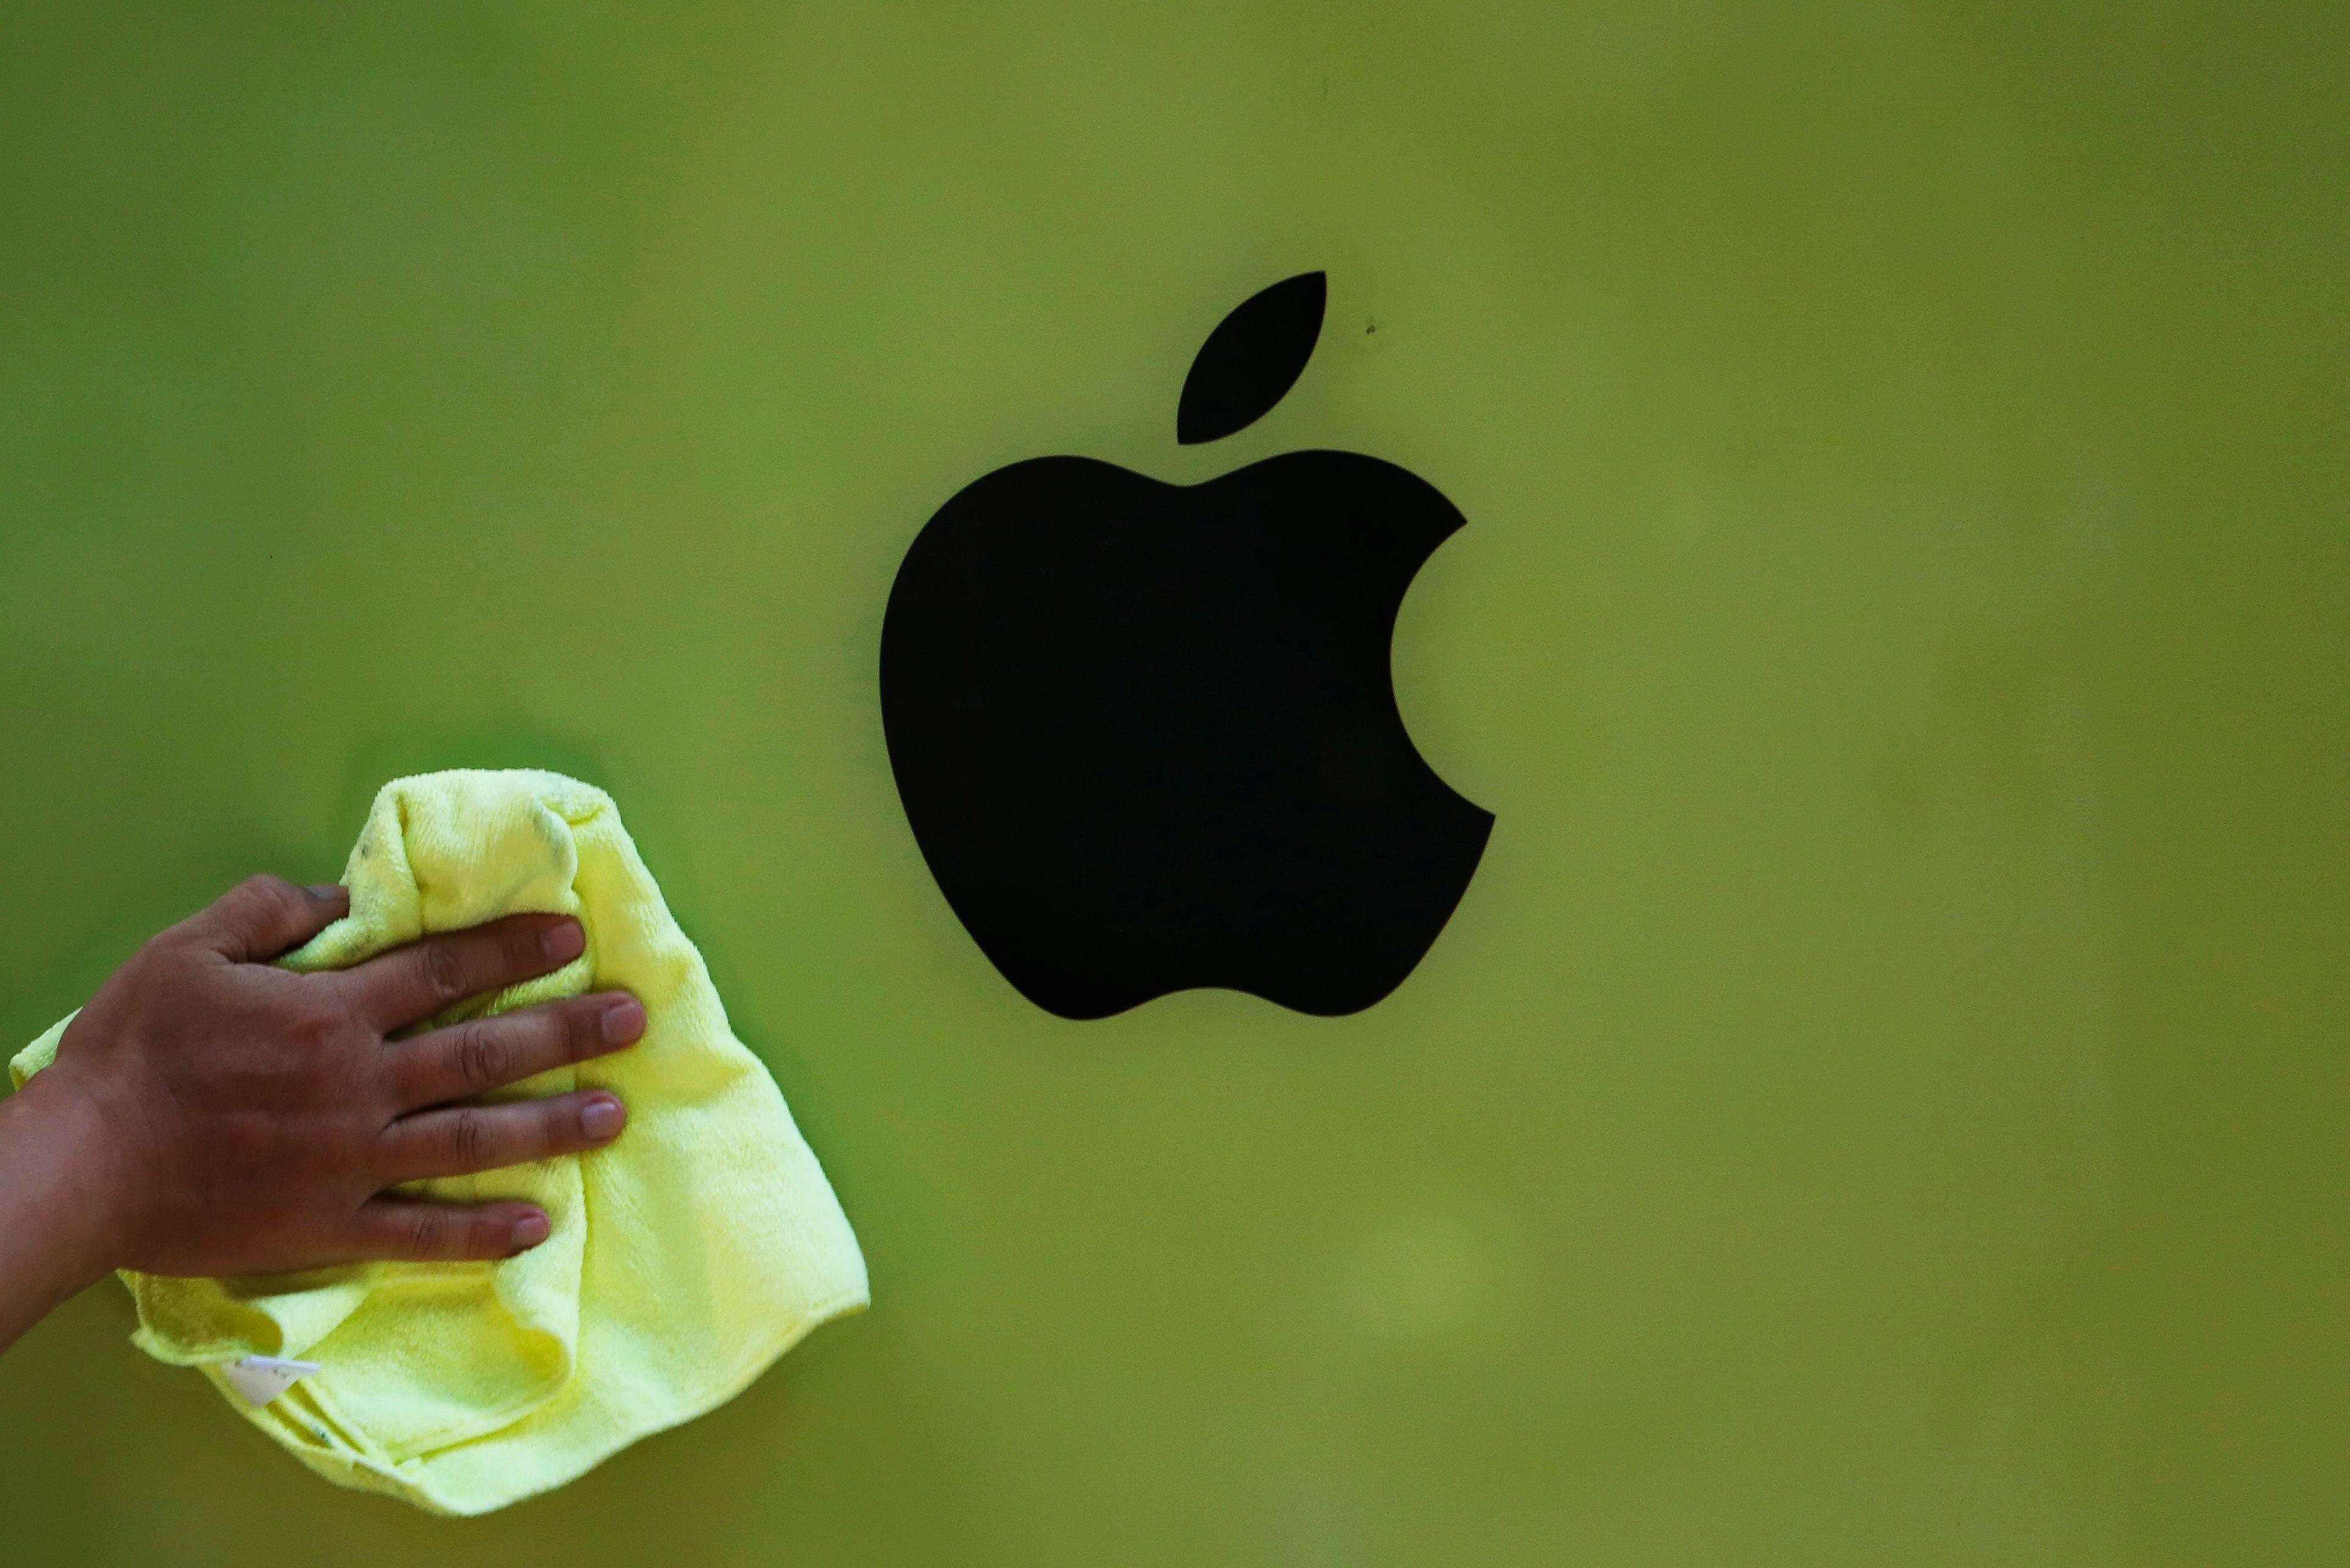 Apple a toute sorte de nouveaux projets de diversification.